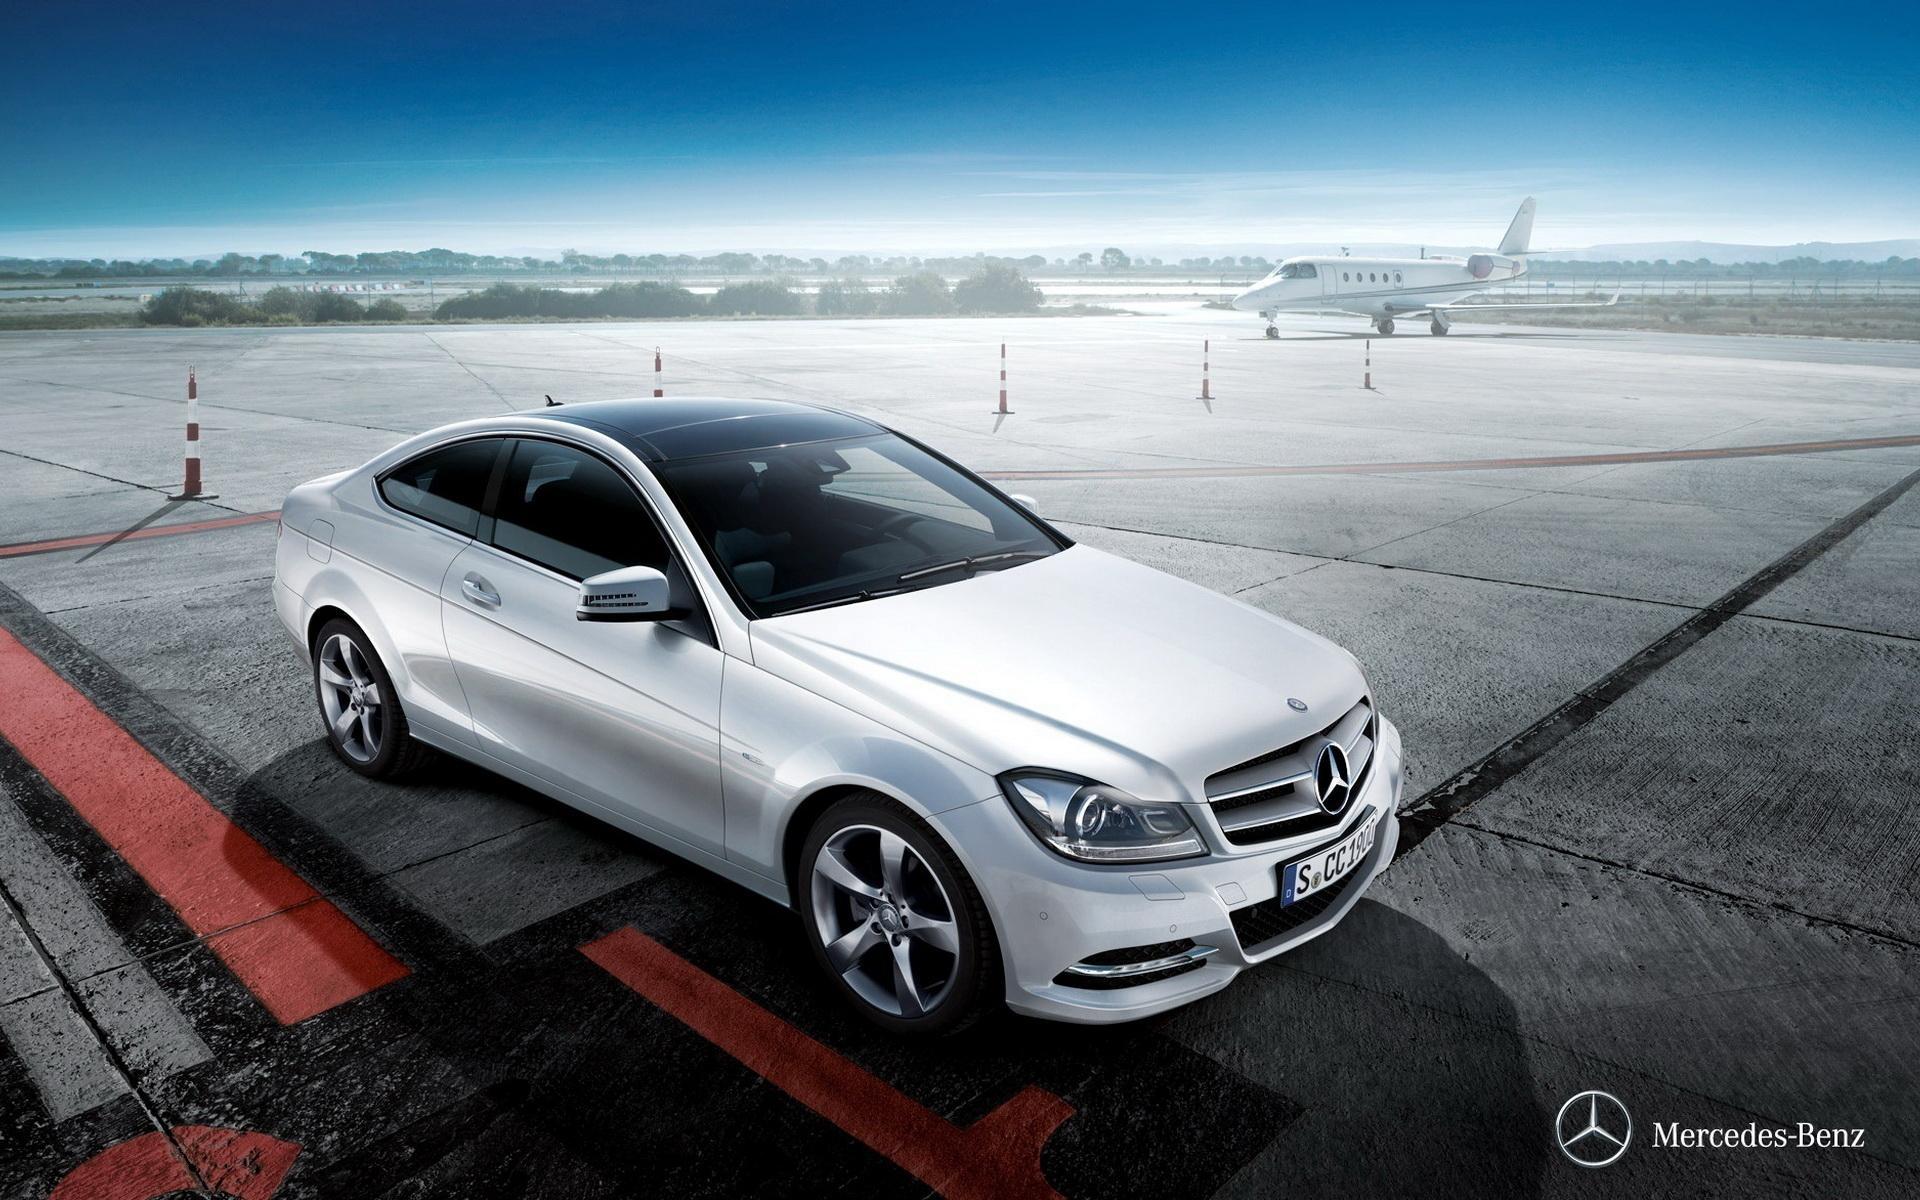 Картинки Mercedes-Benz скачать на рабочий стол, фото SLS